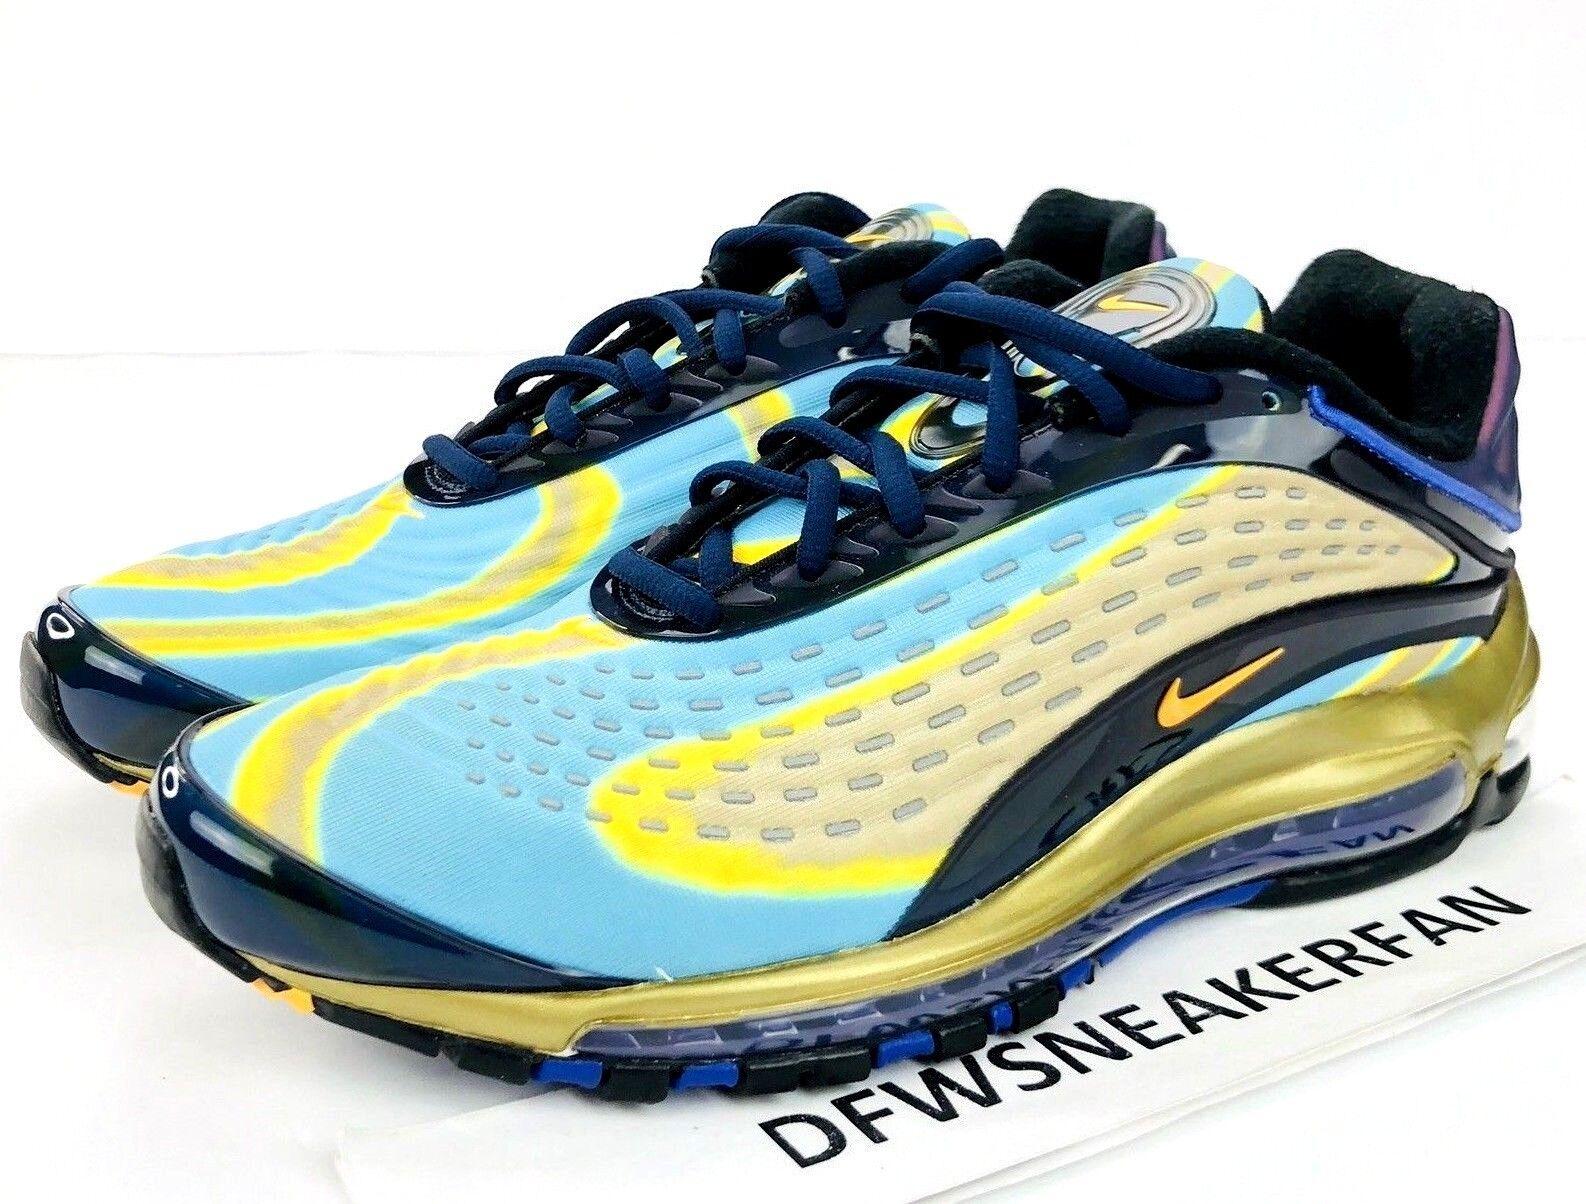 43c29eaaee Nike Air Max Deluxe OG 2018 Men's Size 11 Midnight Navy Laser orange  AJ7831-400